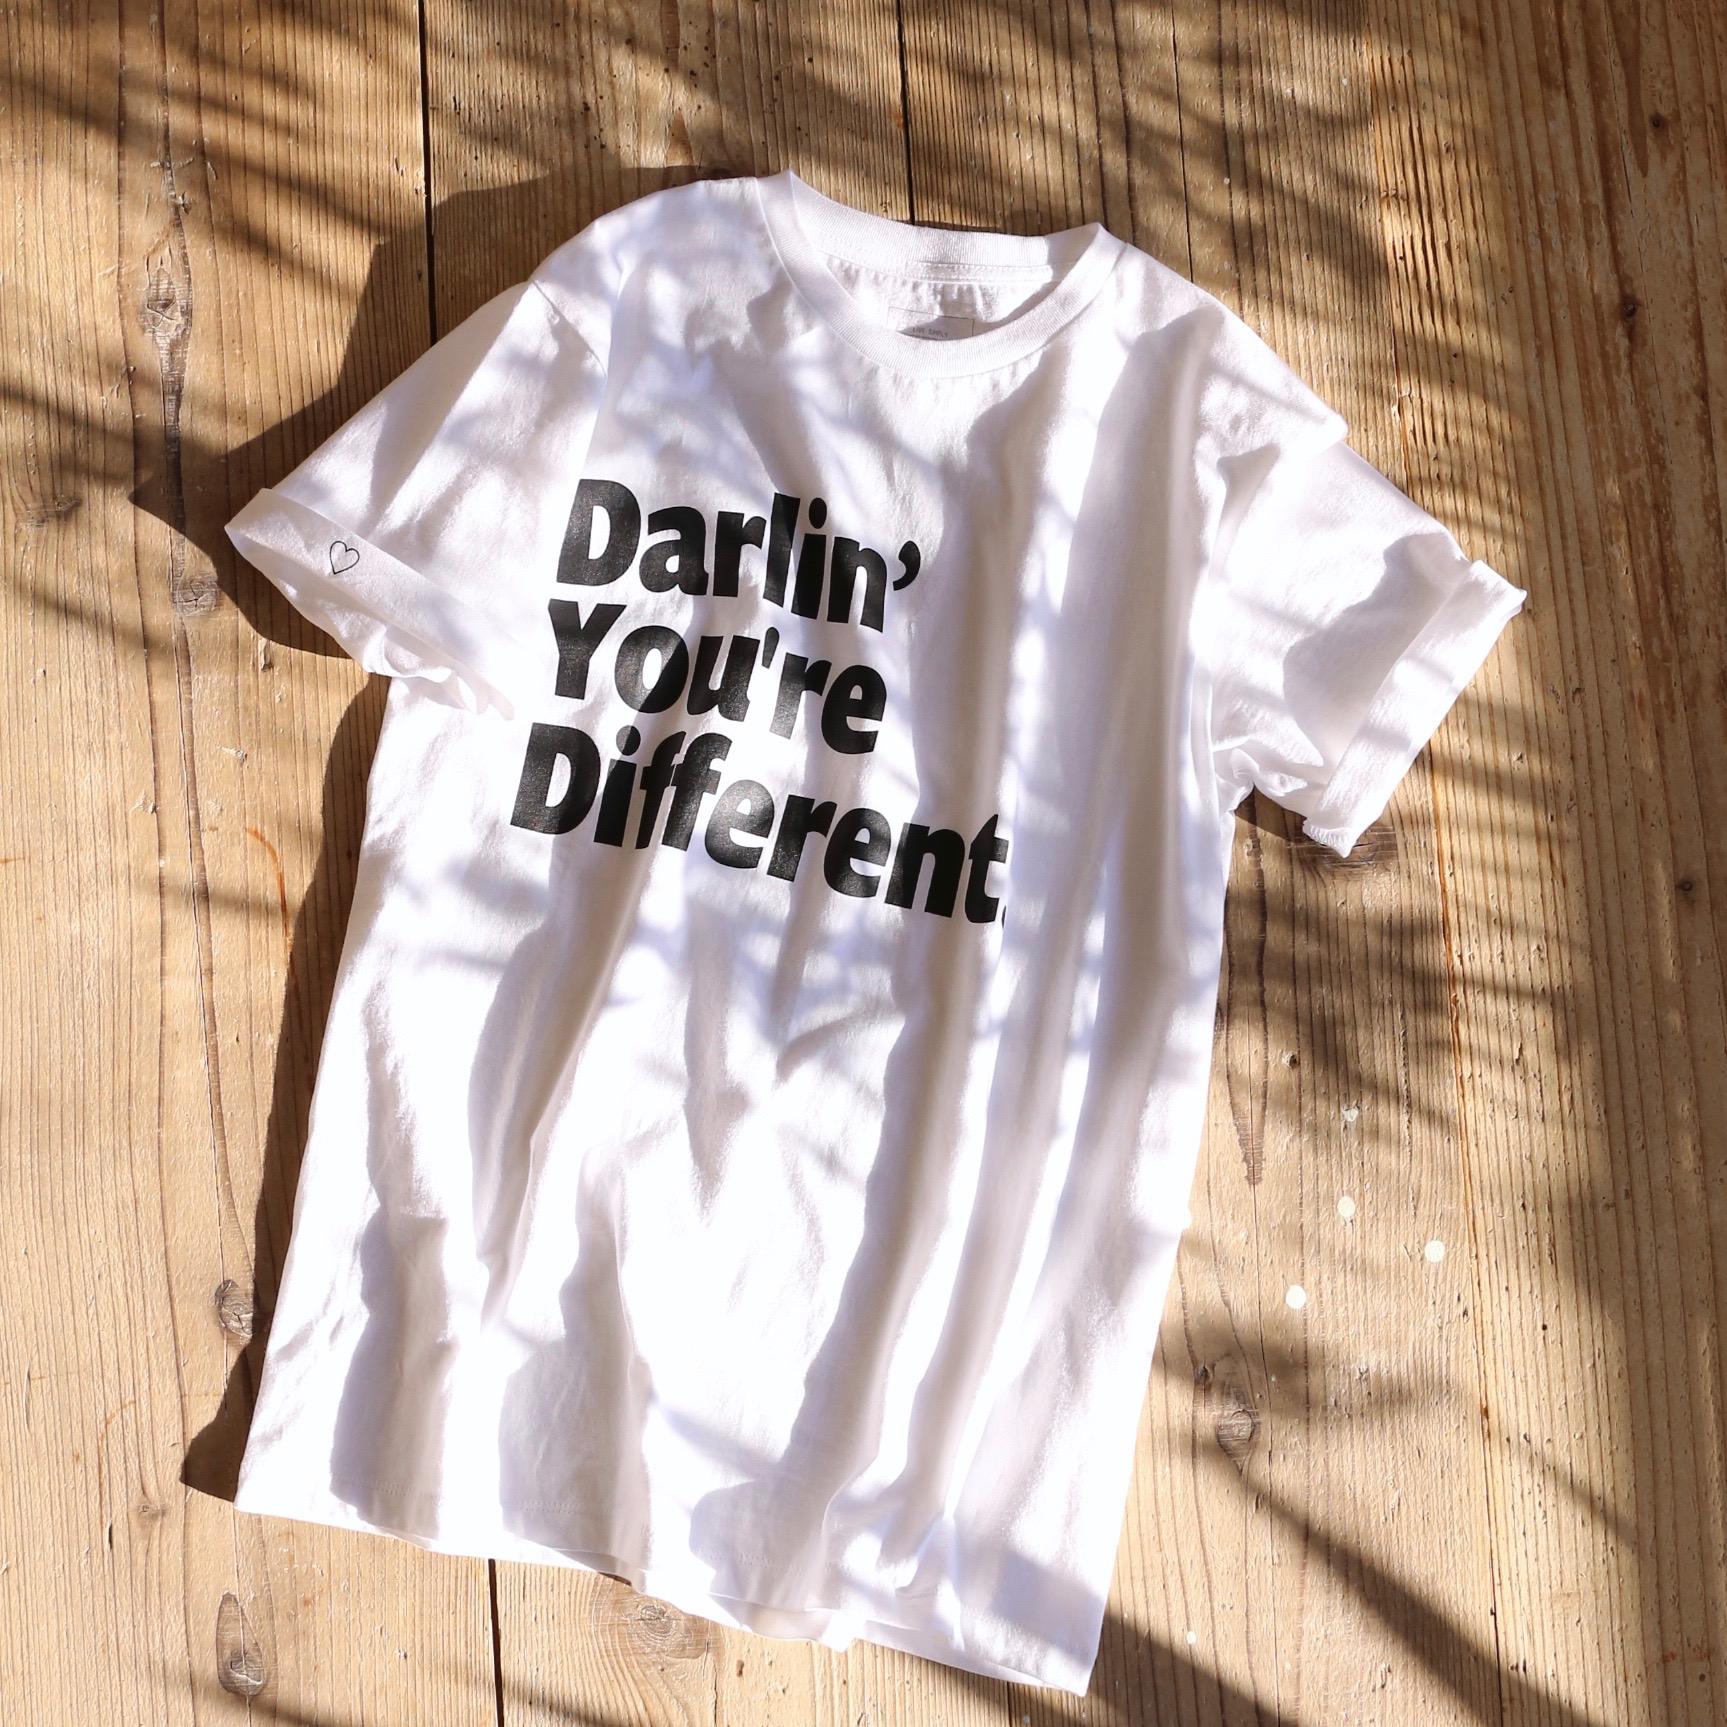 Darlin' ロゴ Tシャツ 販売のお知らせ